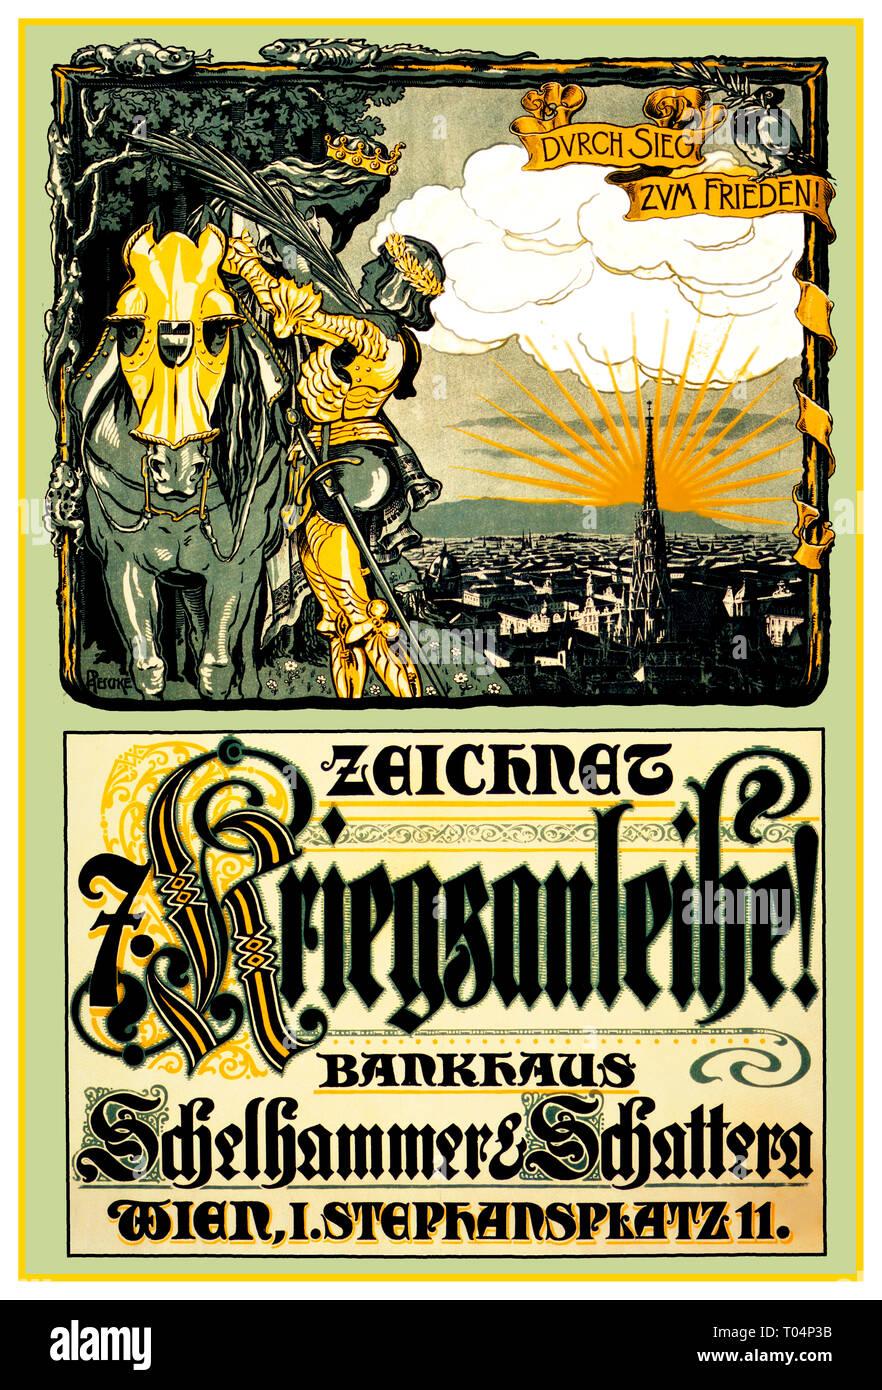 WW1 1917 Appel de propagande allemande affiche montrant emprunt de guerre photo encadrée d'un chevalier médiéval avec une couronne de laurier sur la tête atteignant jusqu'à aider une femme portant une couronne assis sur un cheval. En arrière-plan, de Vienne avec la cathédrale St Stephens et le slogan 'Durch Sieg zum Frieden' 'LA PAIX PAR LA VICTOIRE' Texte Principal: S'abonner à l'emprunt de guerre Bankhouse Schelhammer Schattern, &. En date du 1917 World War 1 Photo Stock